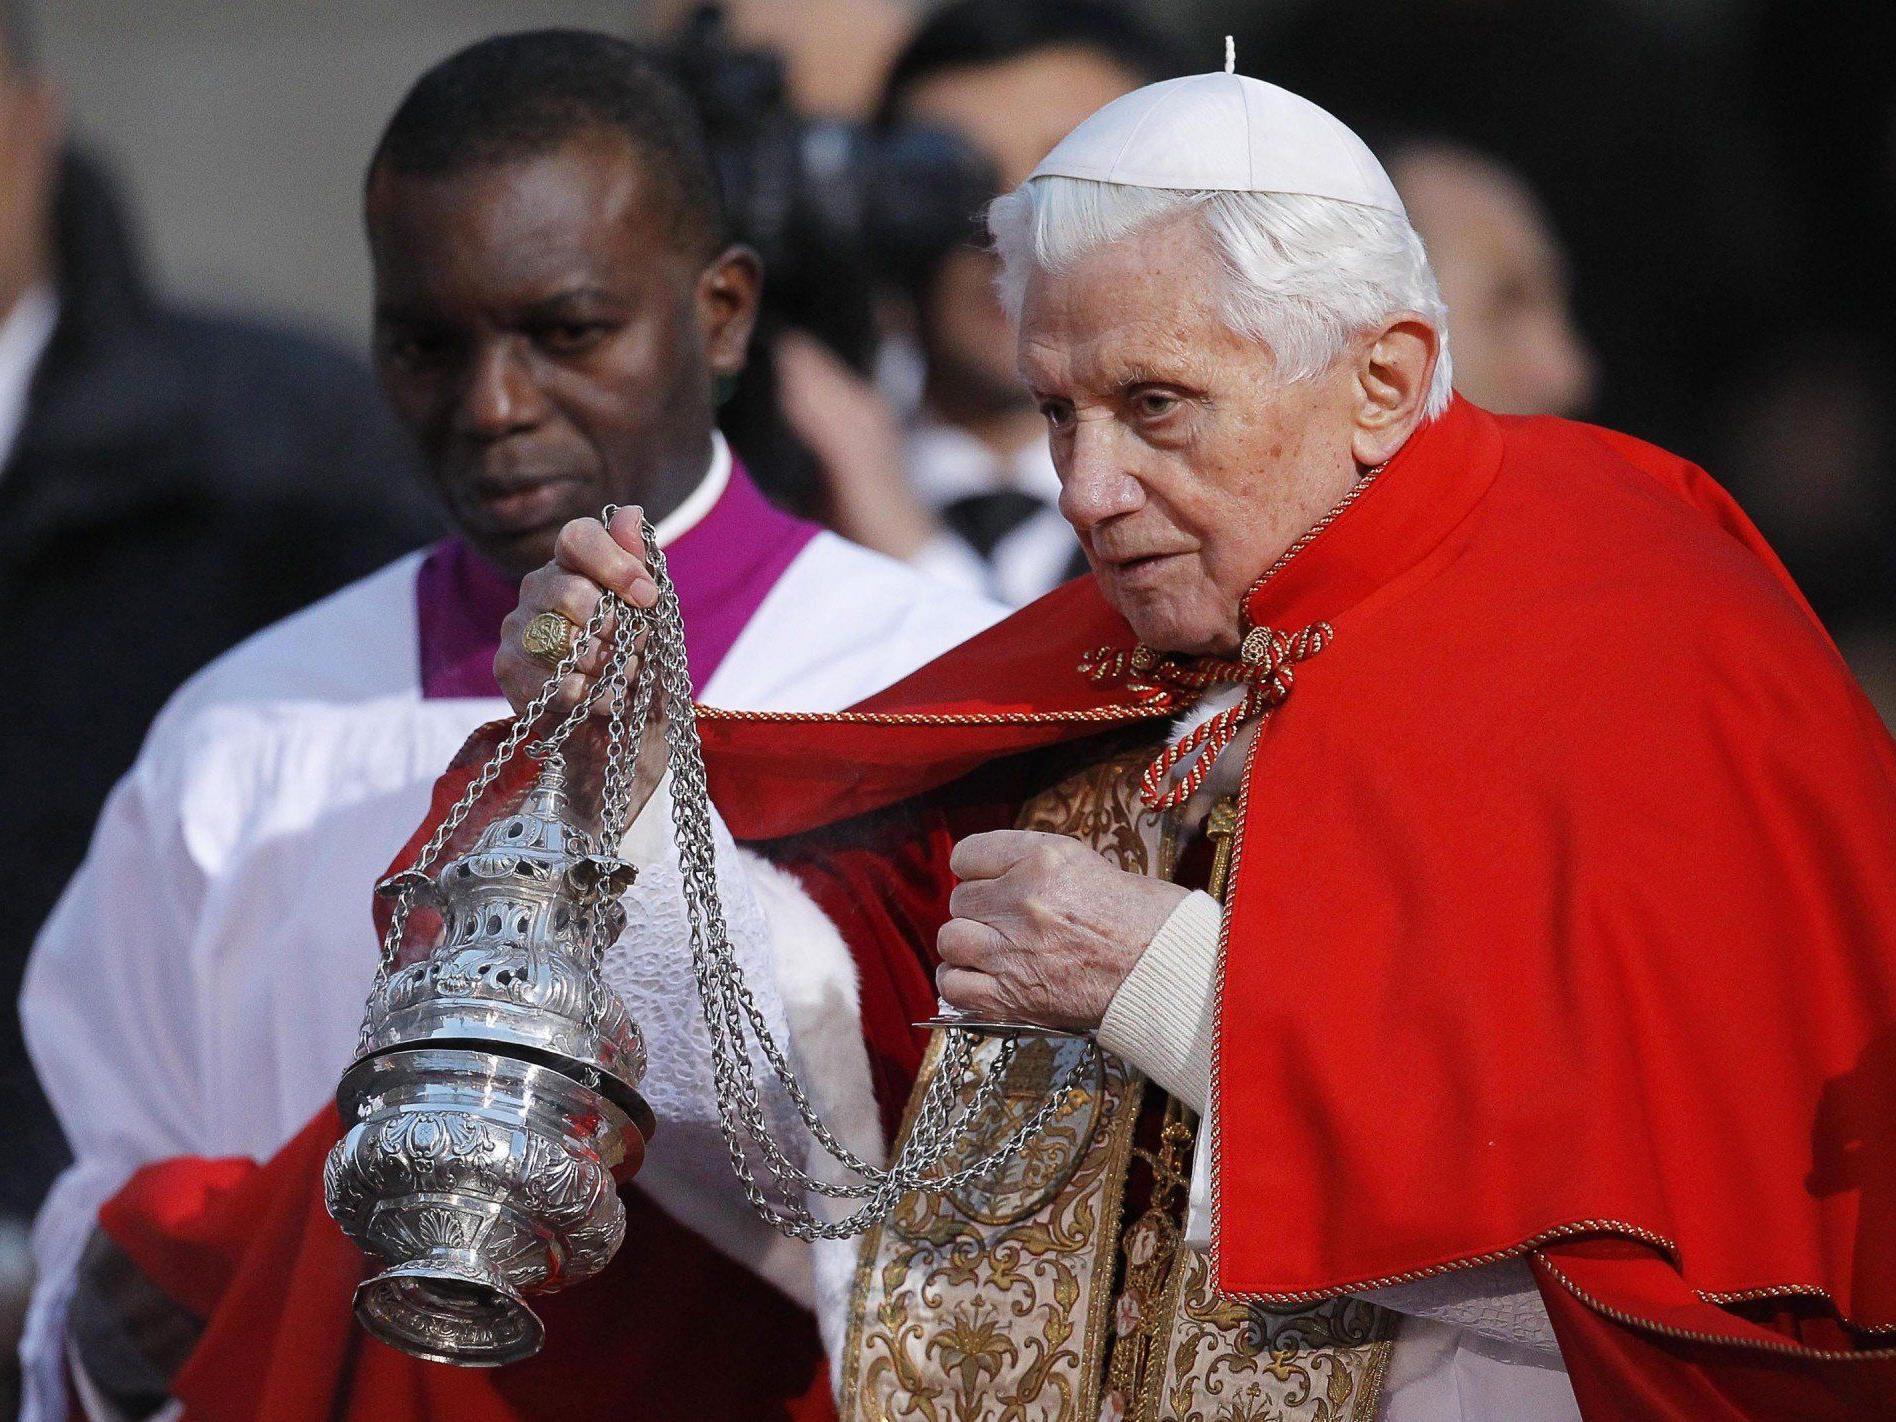 Auch wenn es bislang selten vorkam, kirchenrechtlich ist der Rücktritt eines Papstes geregelt.